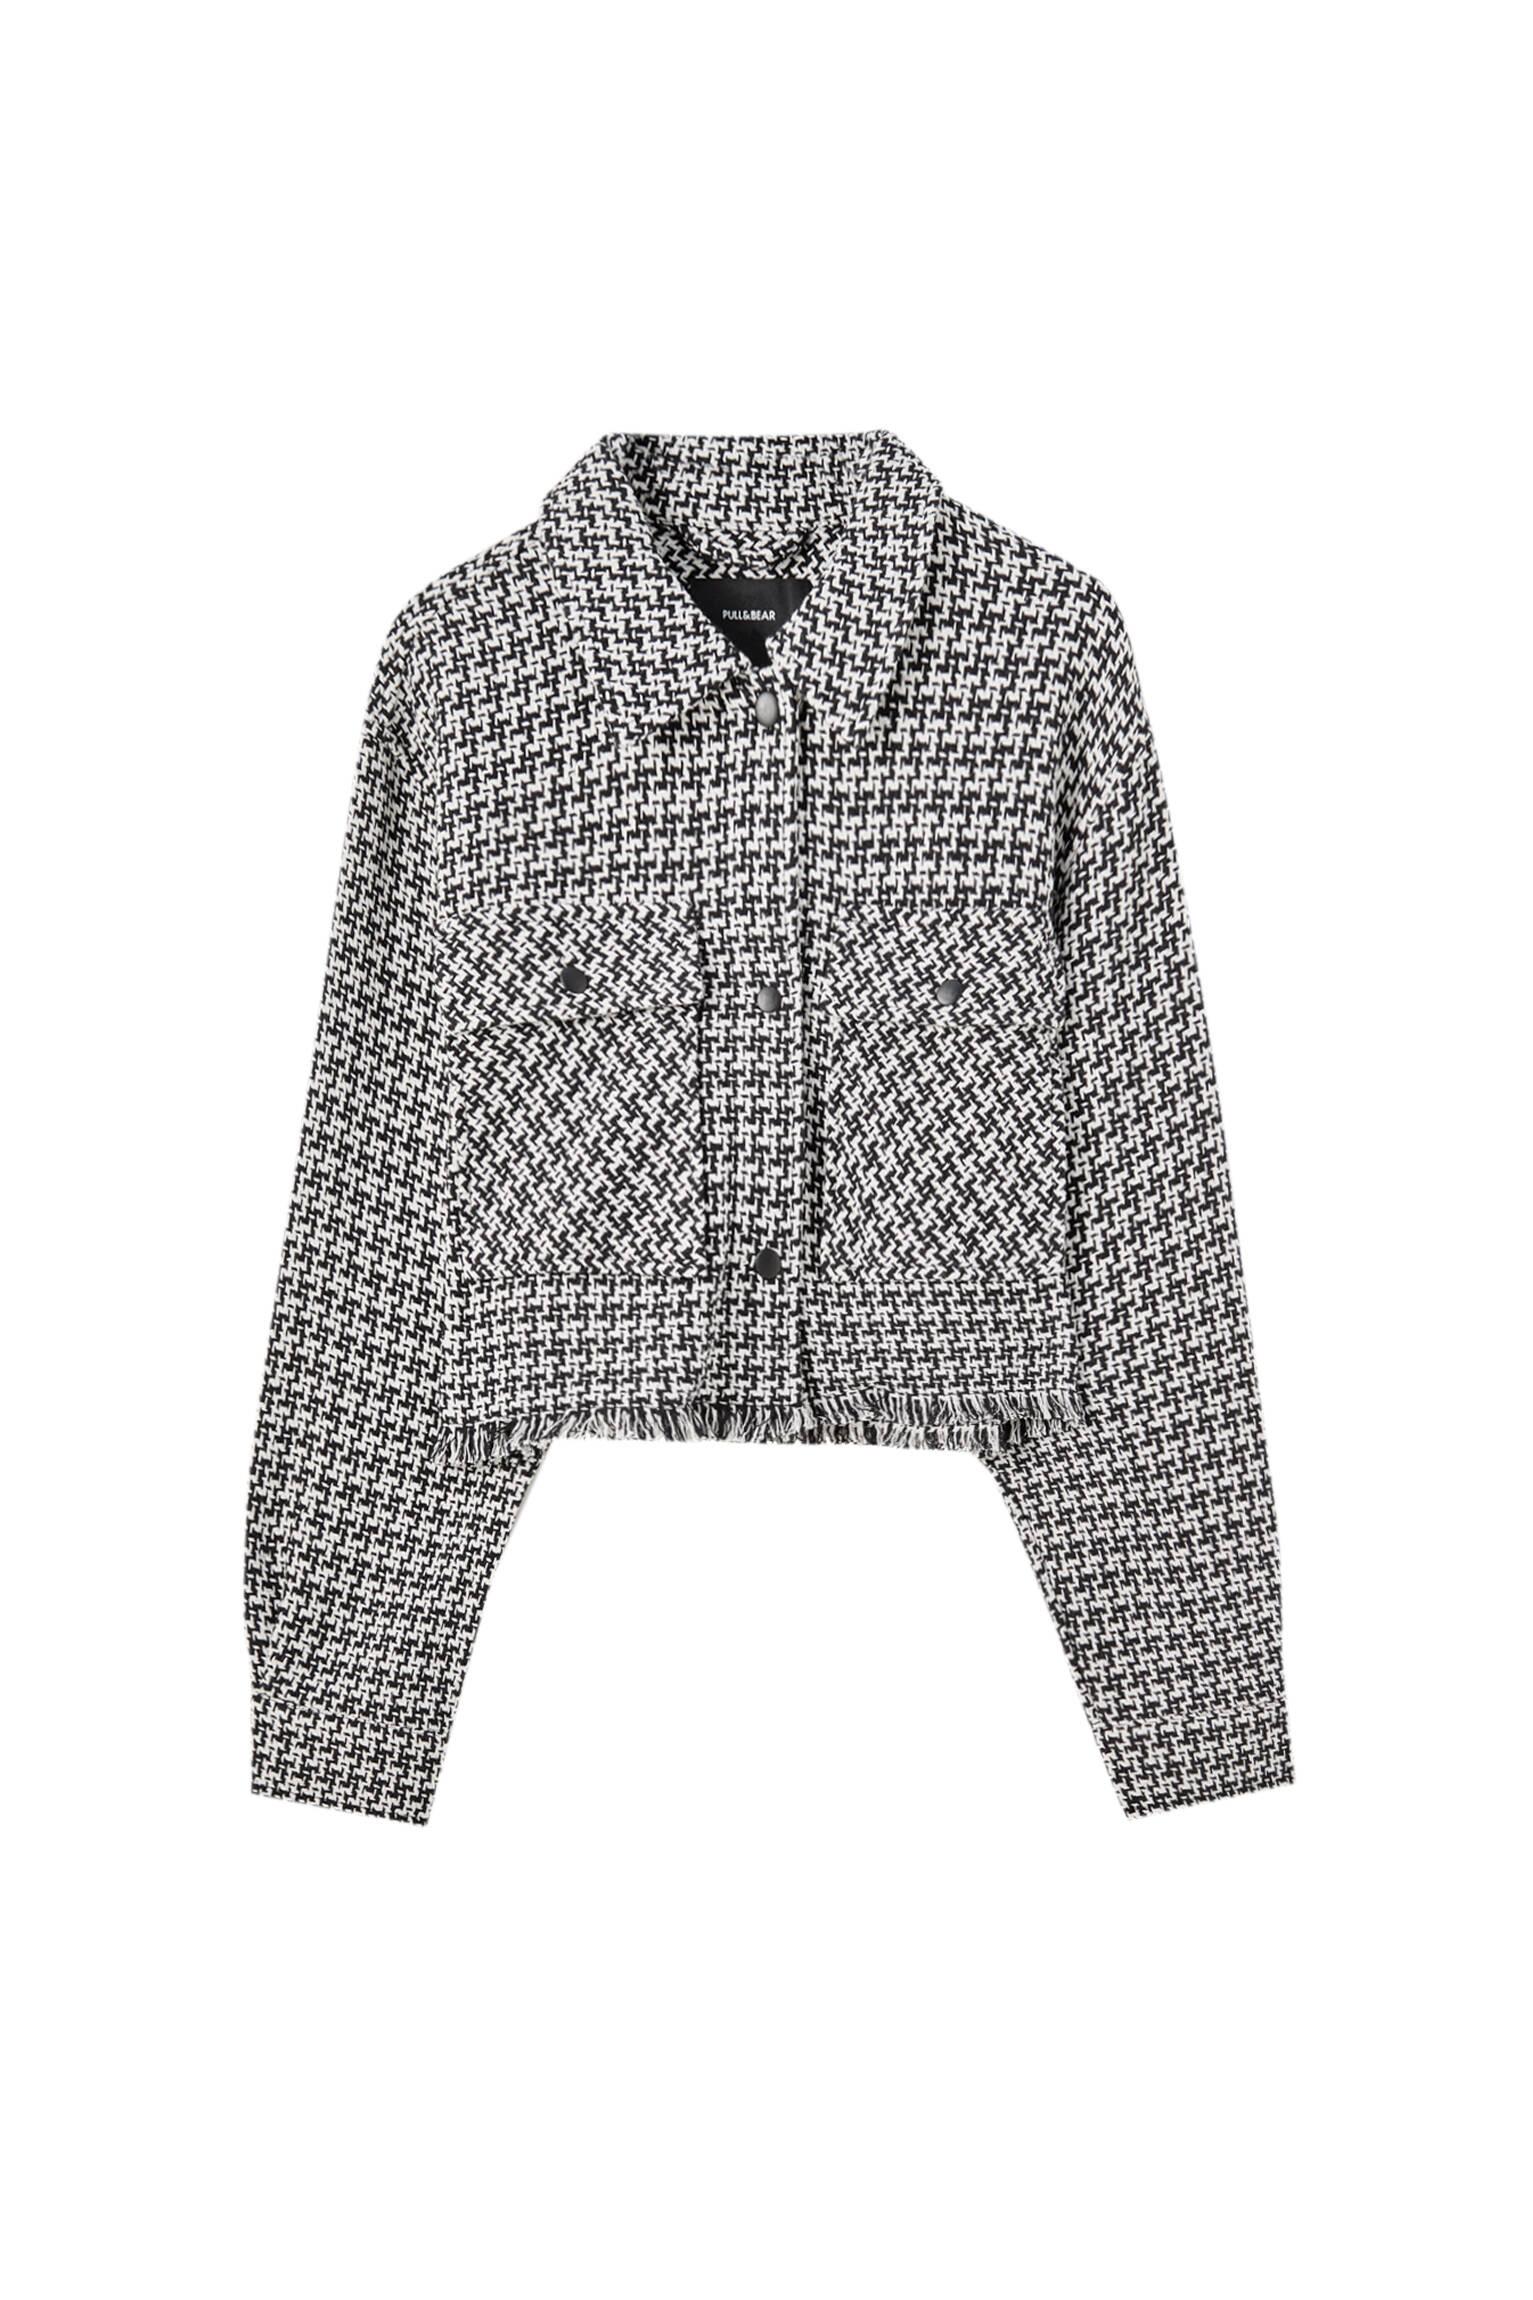 БЕЛЫЙ / ЧЕРНЫЙ Укороченная куртка рубашечного кроя в клетку Pull & Bear